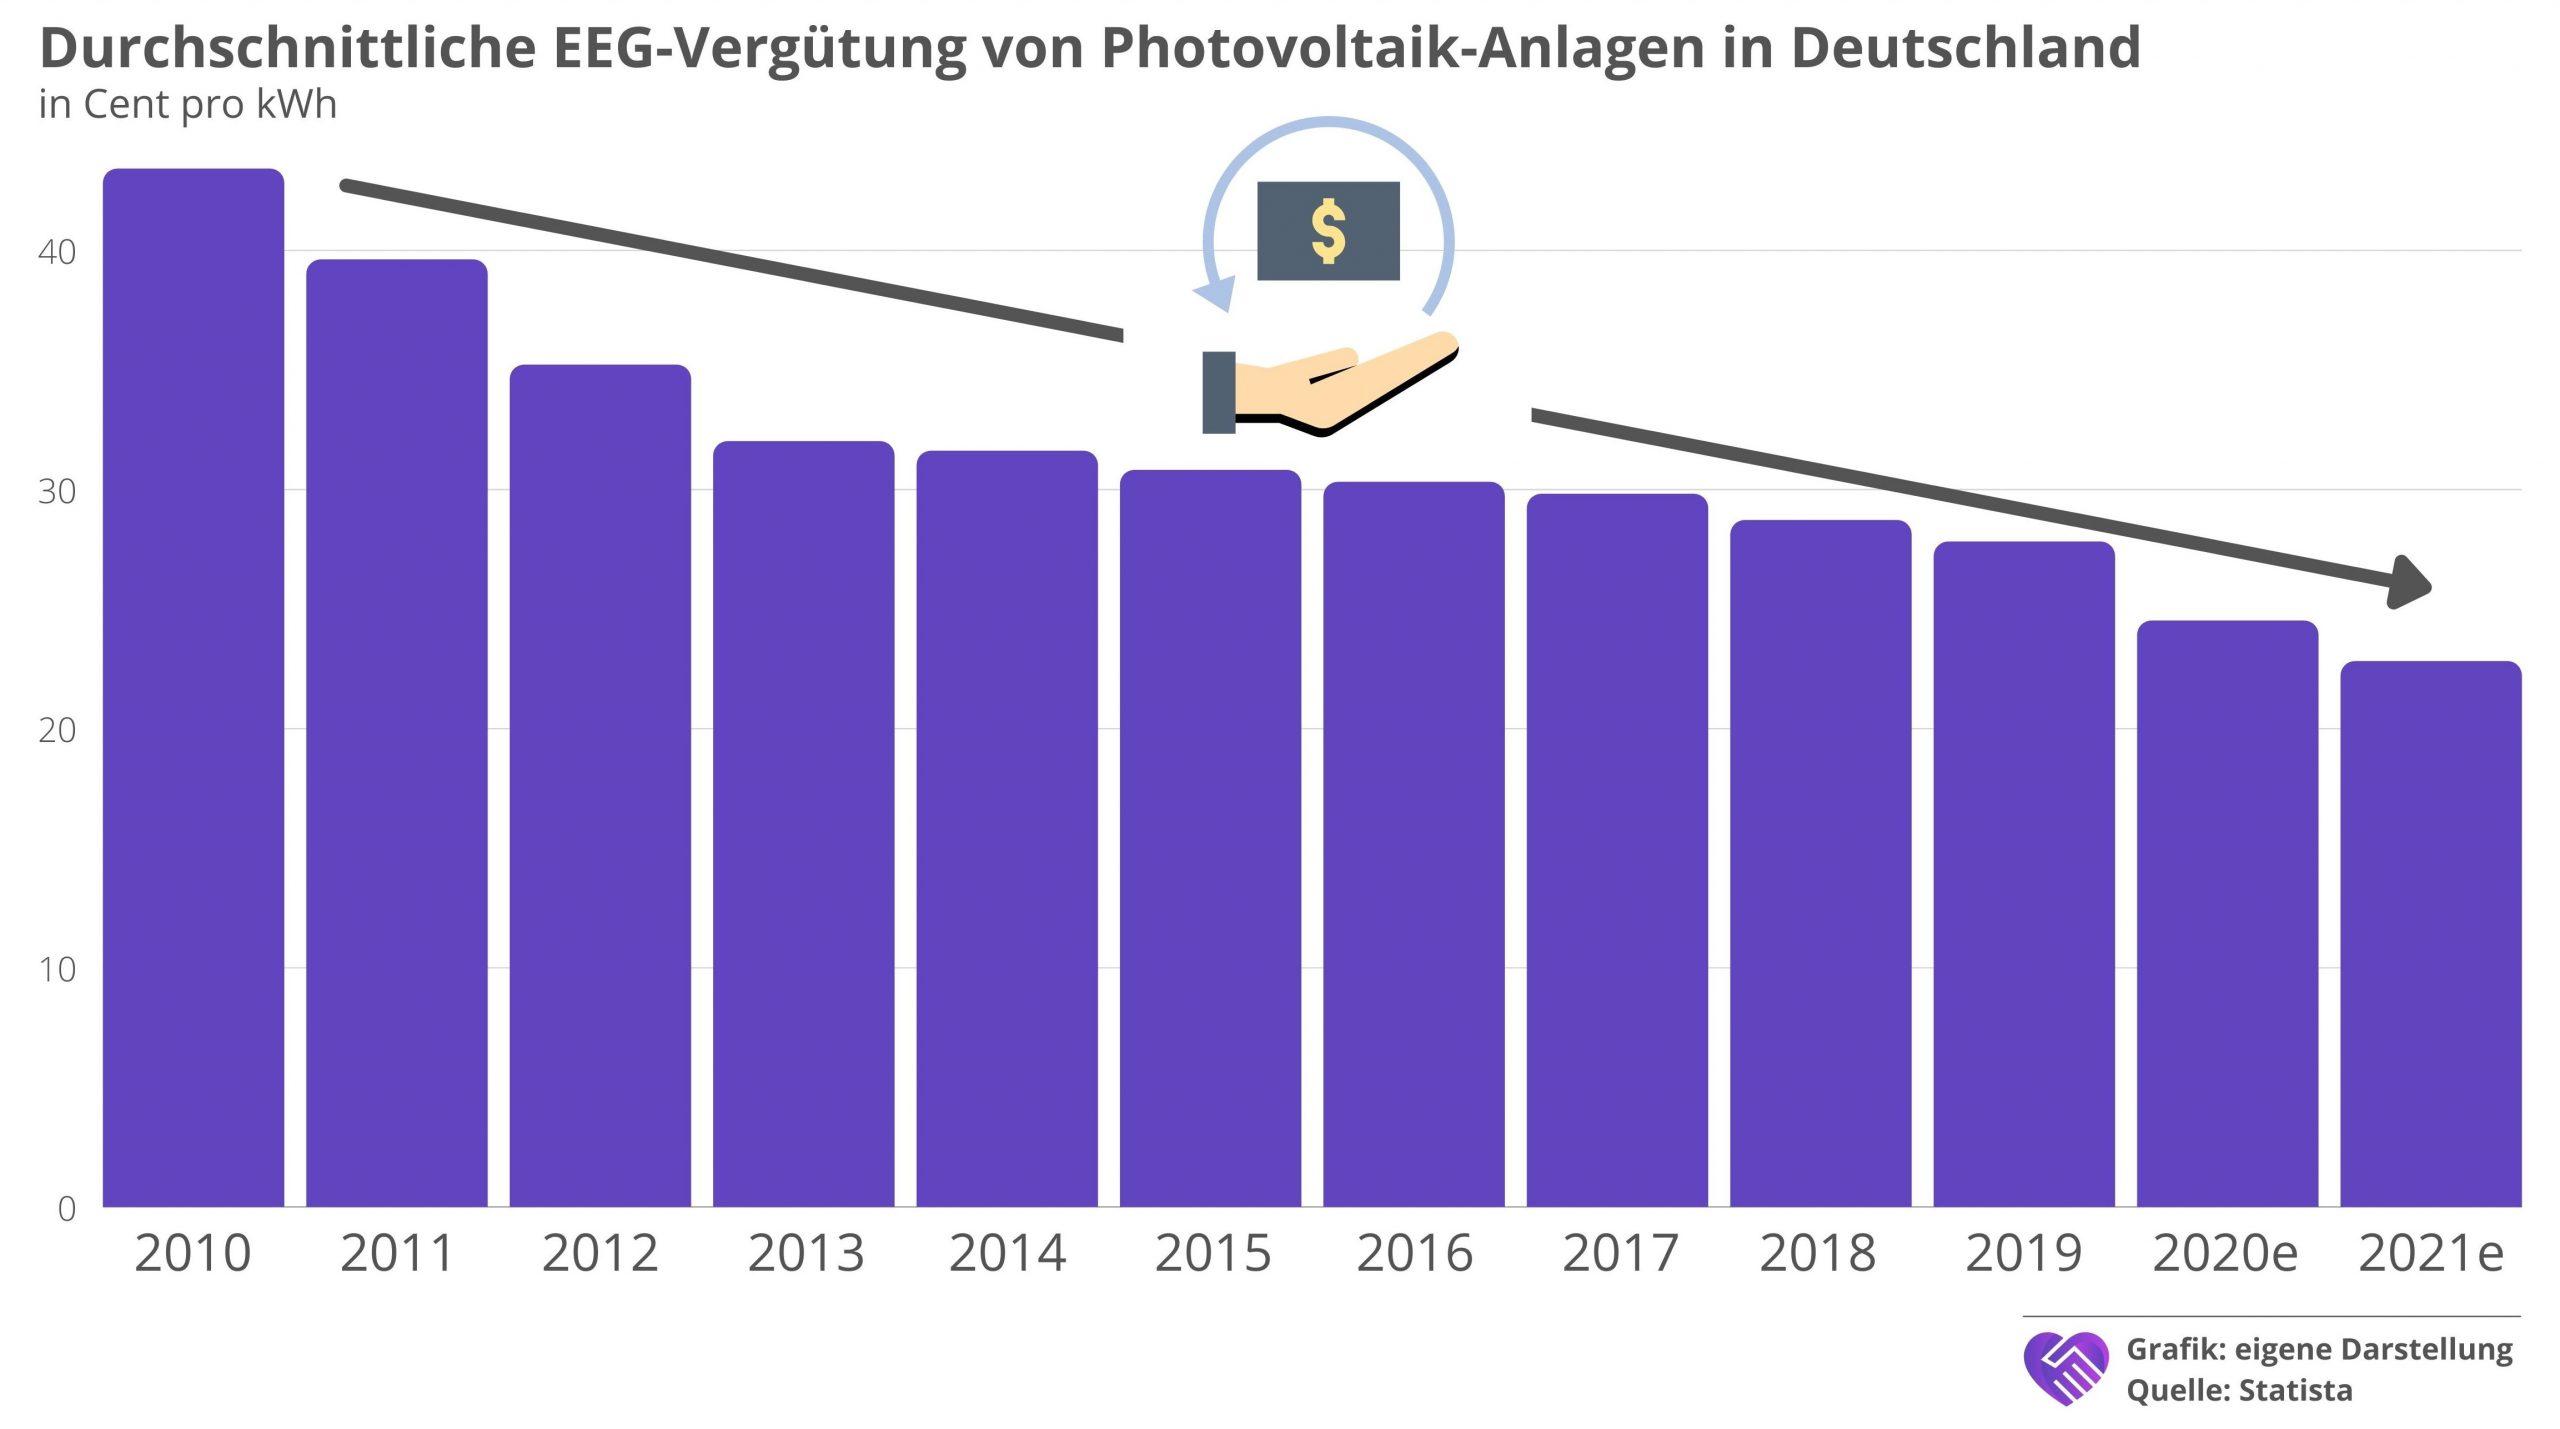 7C Solarparken Aktie Analyse Photovoltaik EEG Vergütung Entwicklung